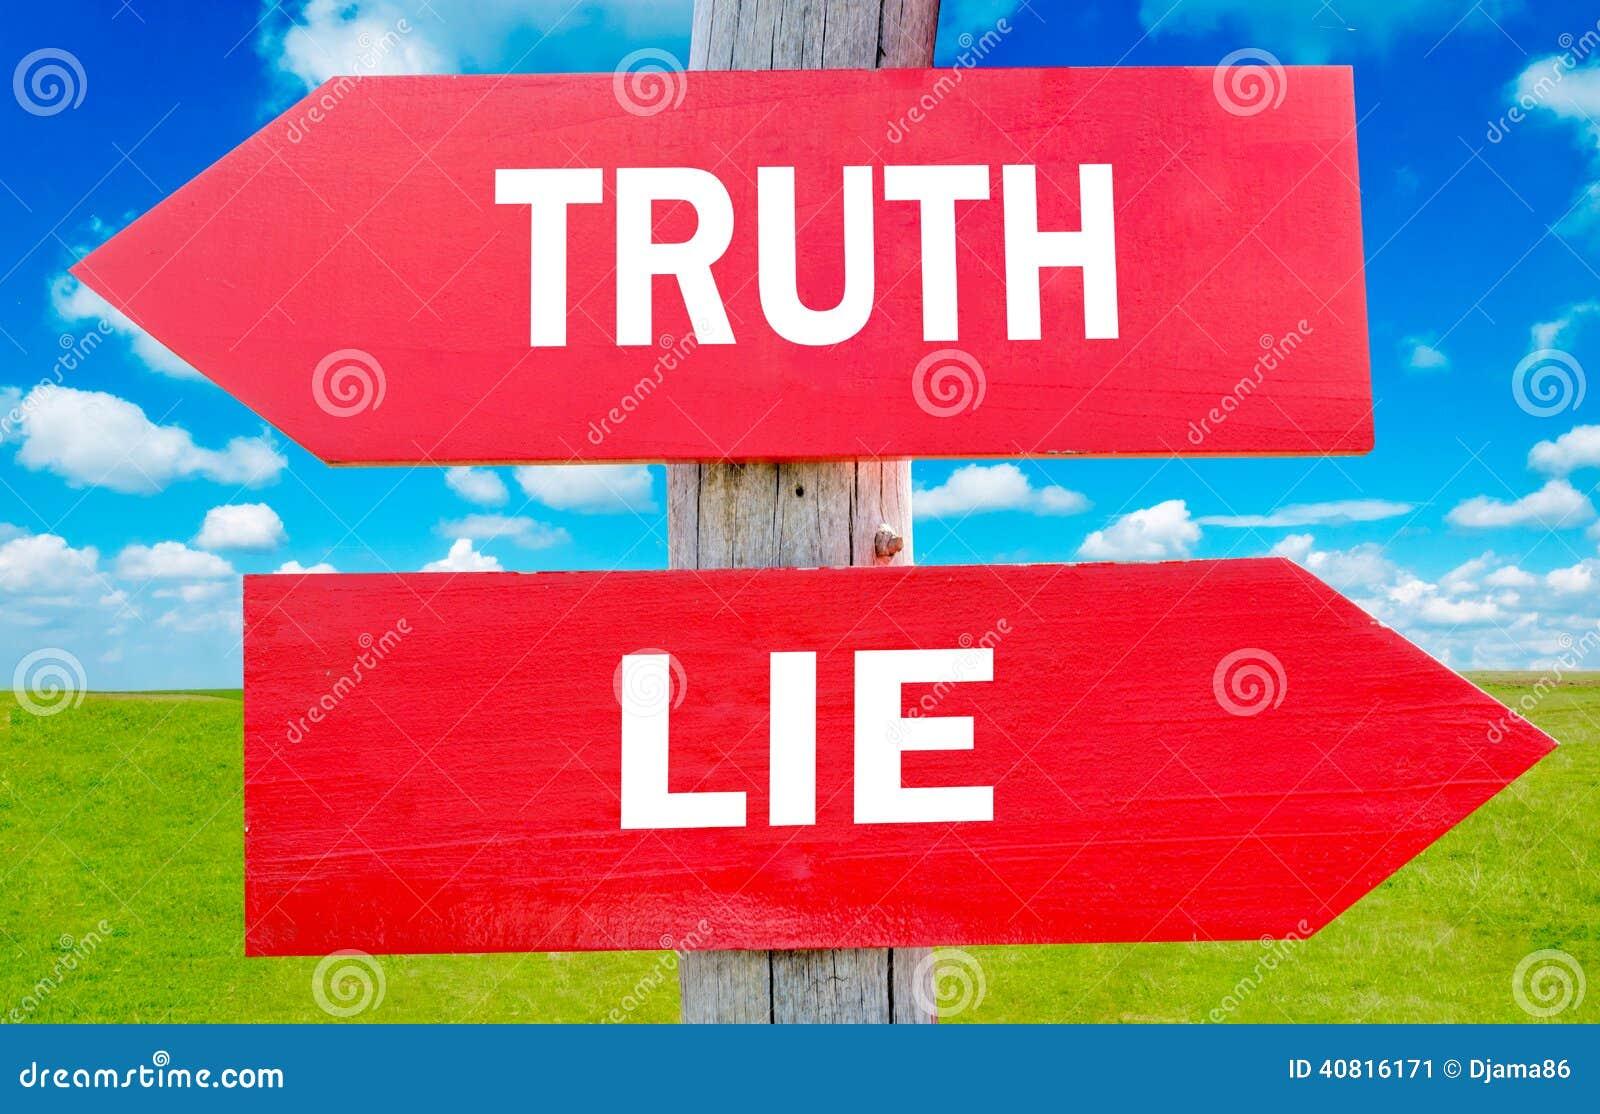 De waarheid of ligt